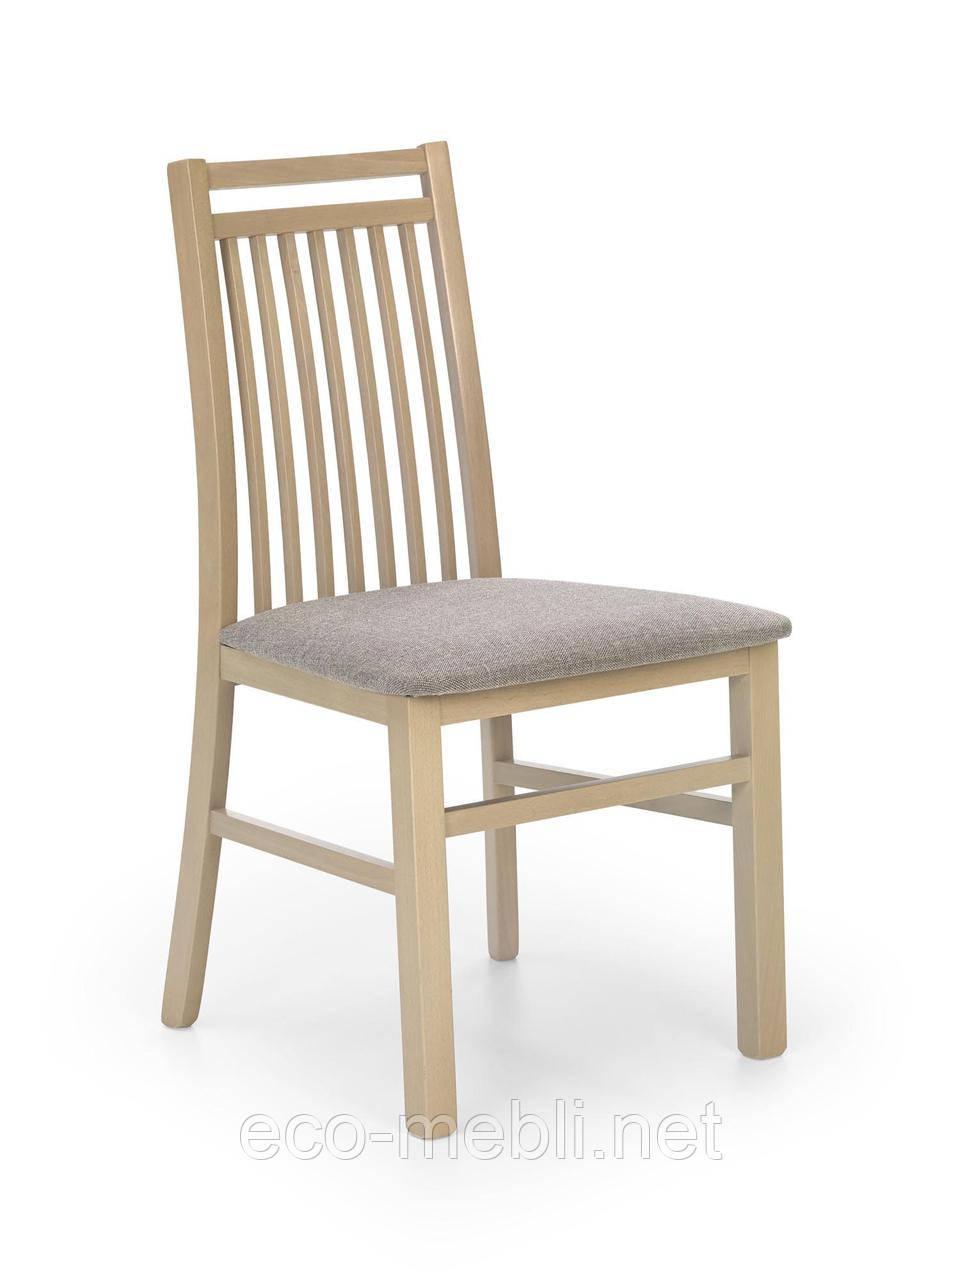 Дерев'яне крісло на кухню Hubert 9 Halmar